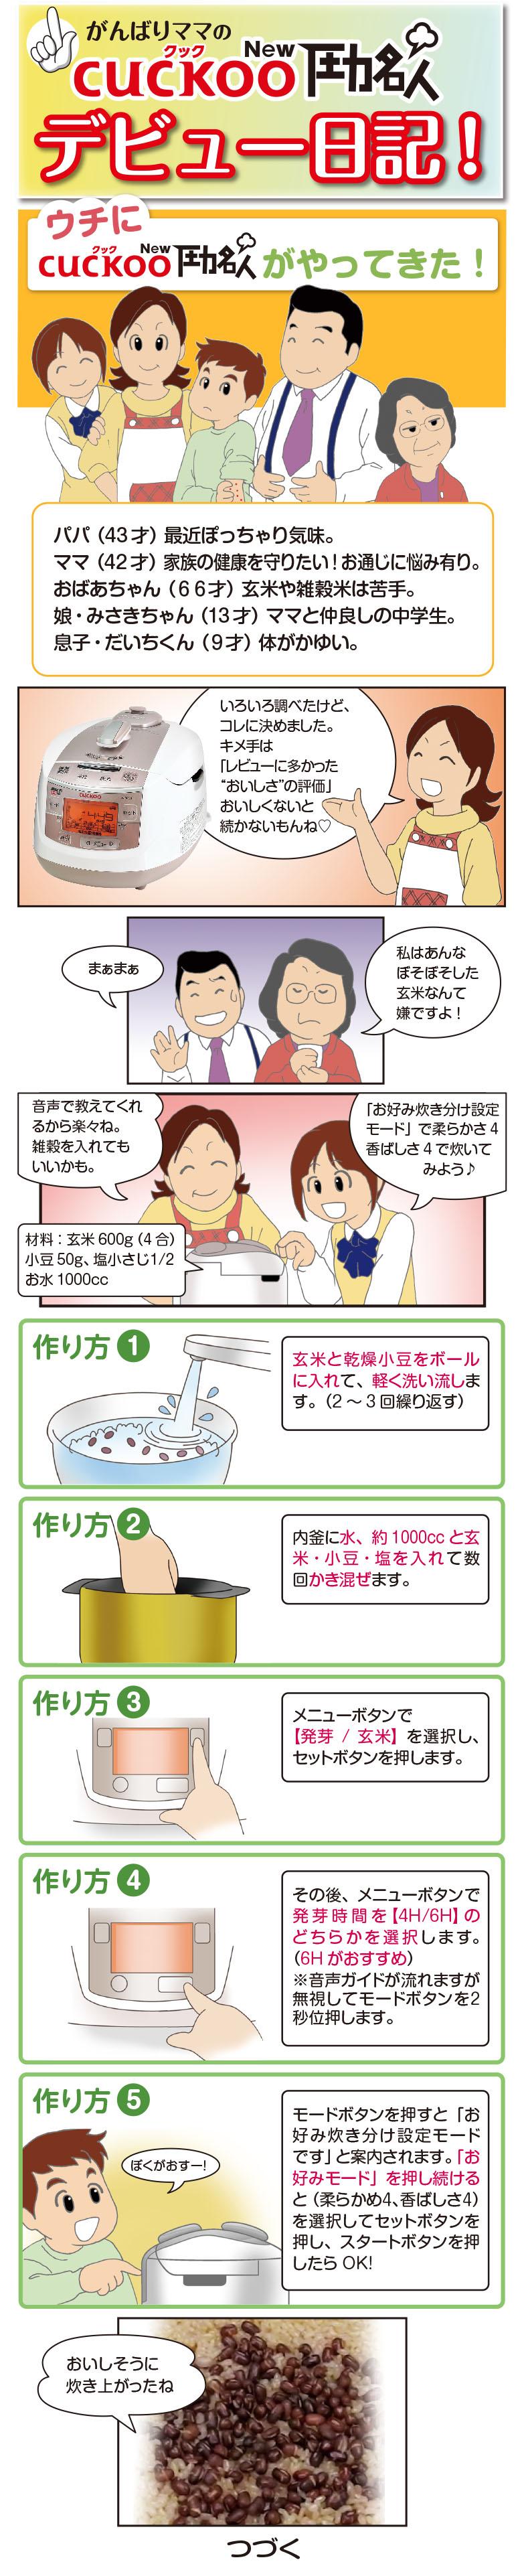 がんばりままのCUCKOO圧力名人デビュー日記!